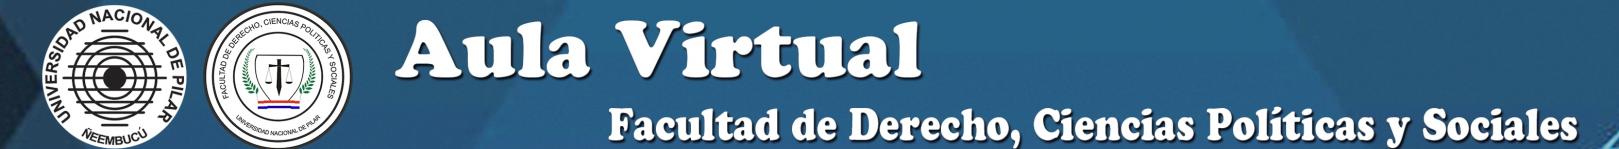 Aula Virtual MOODLE - FDCPyS